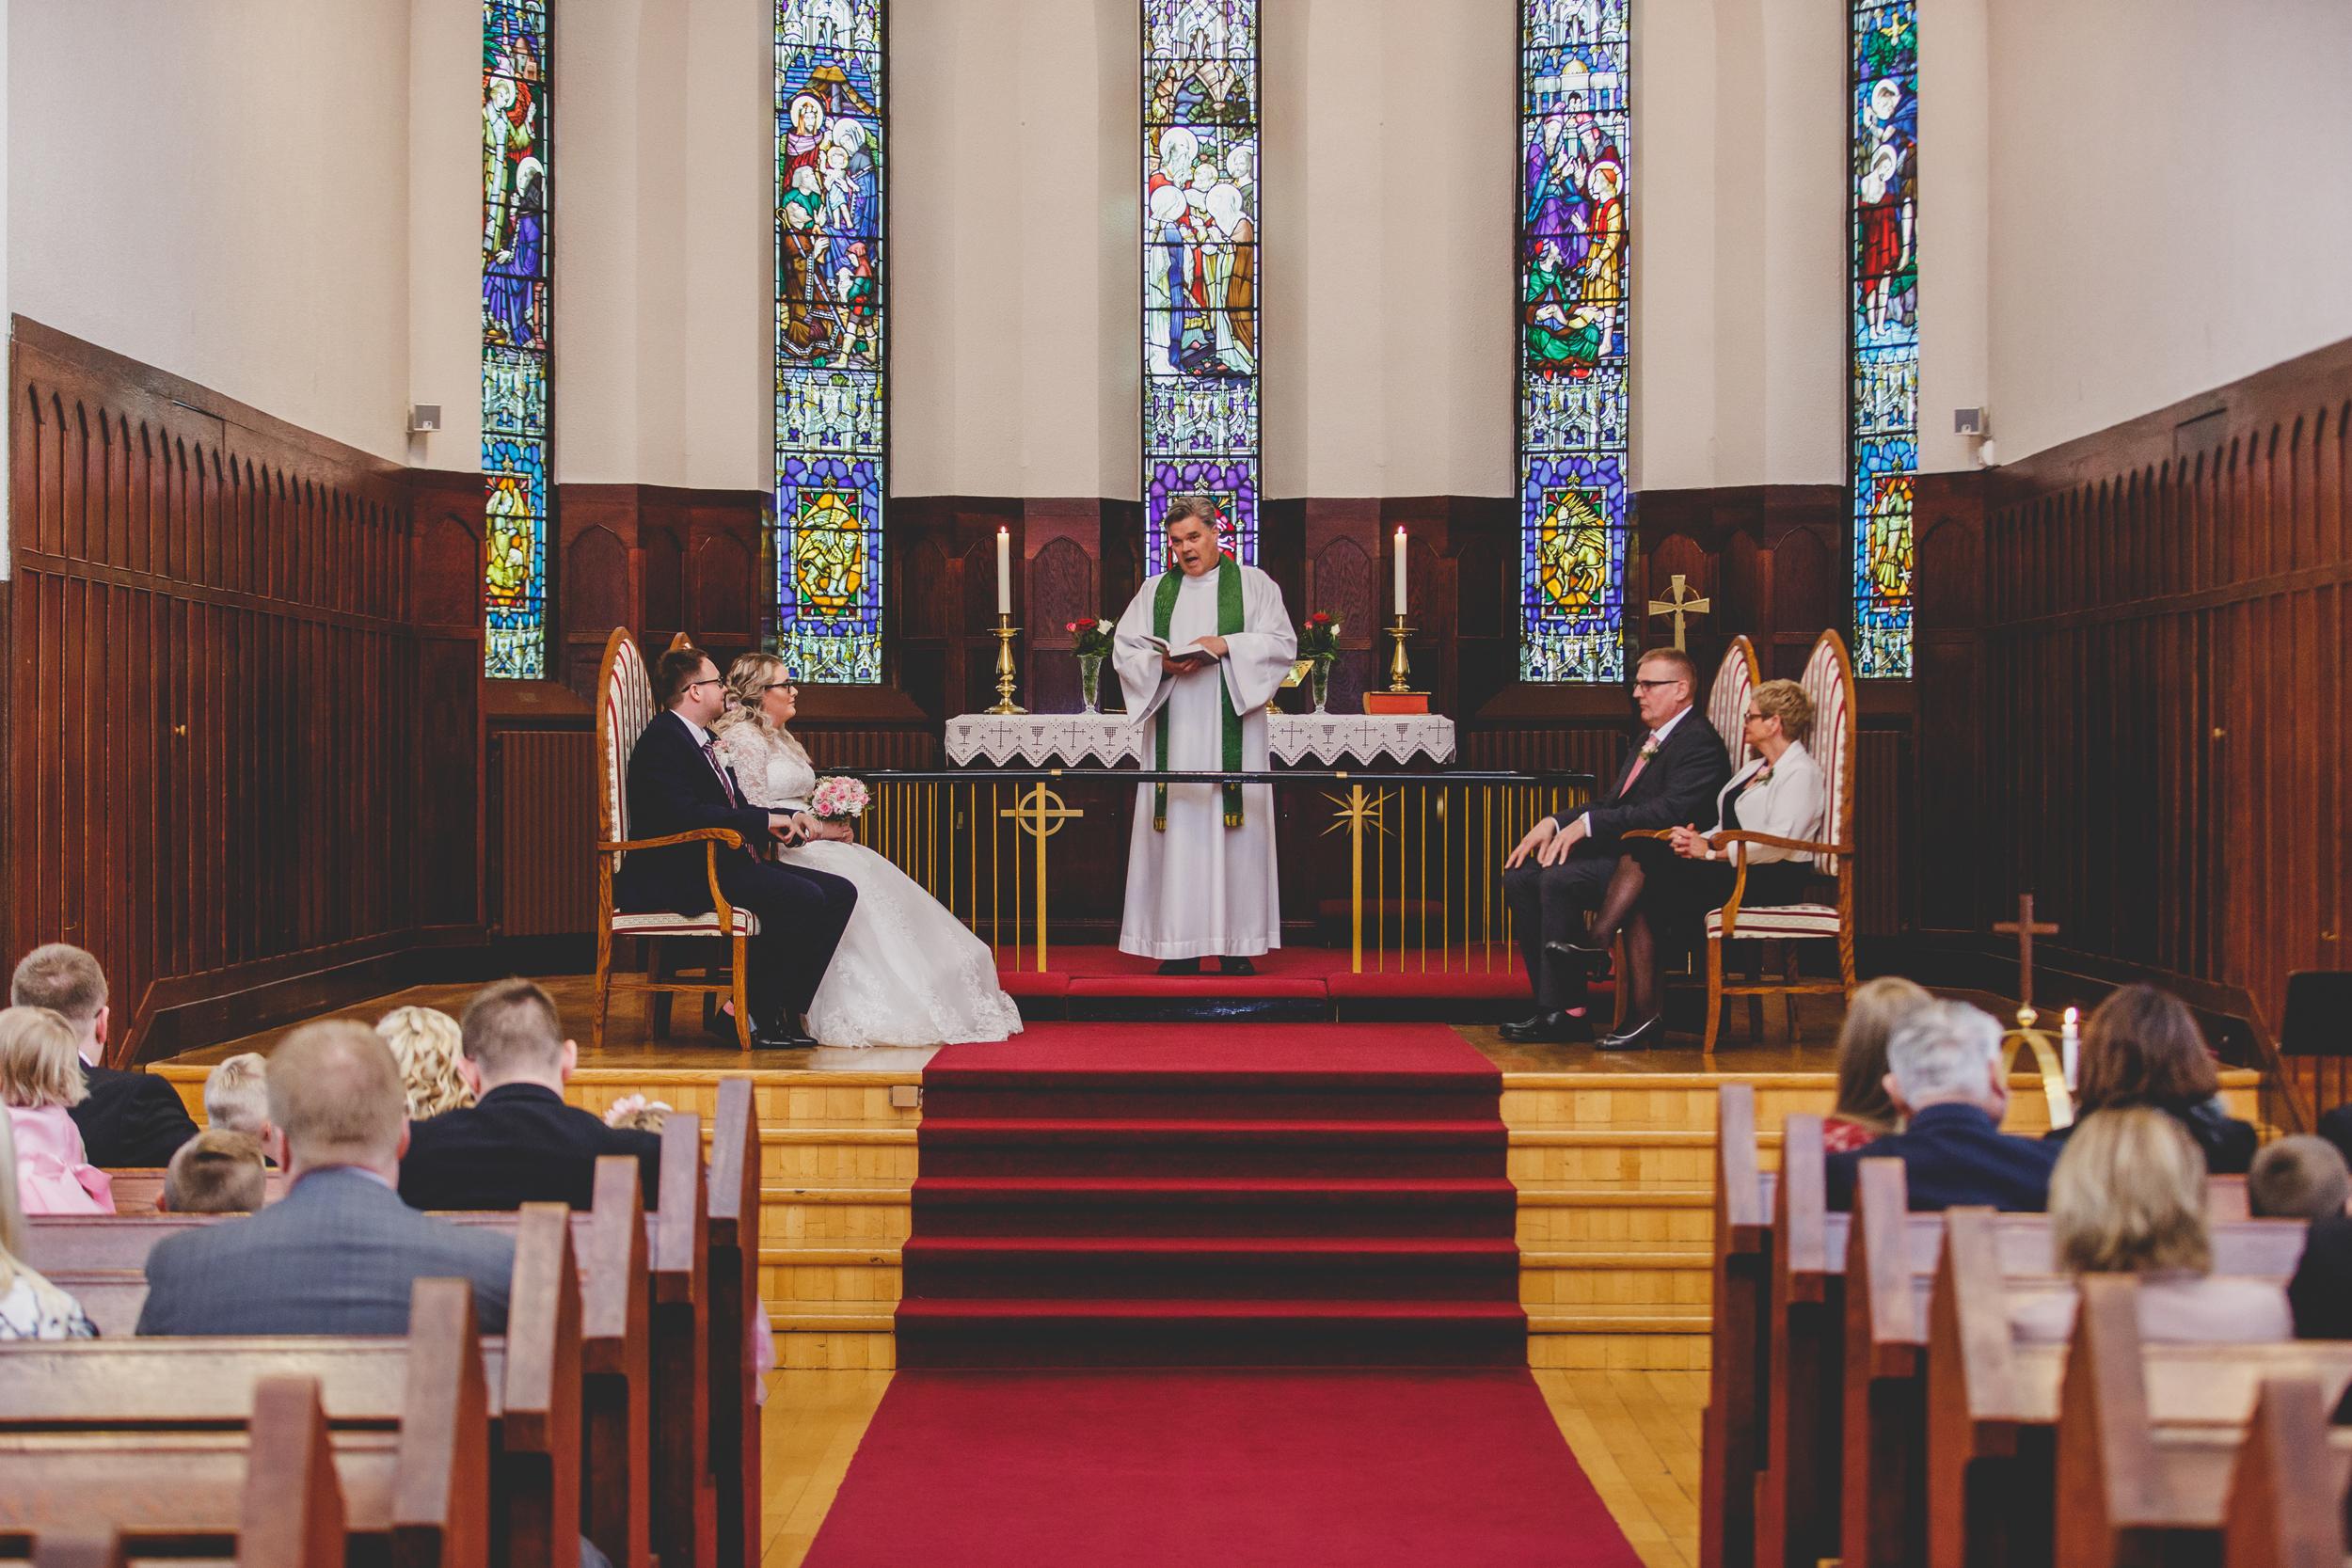 Brudkaup01-064.jpg